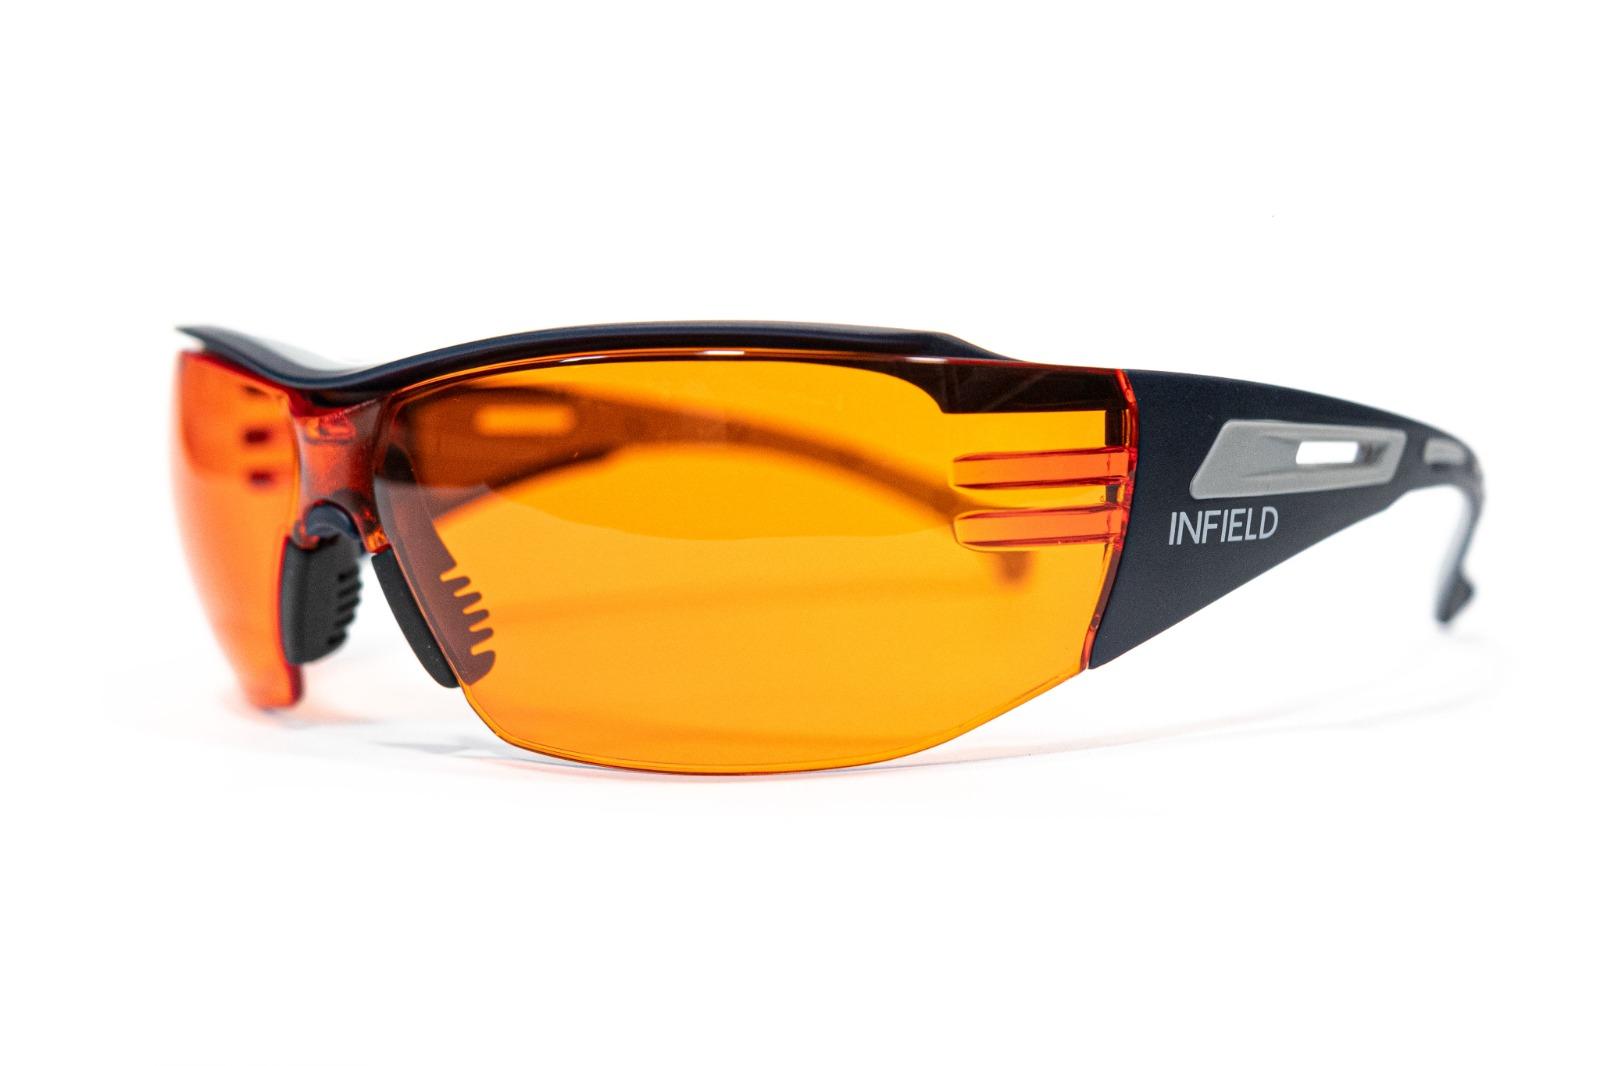 Sagitta Brýle blokující 100% modrého světla VICTOR